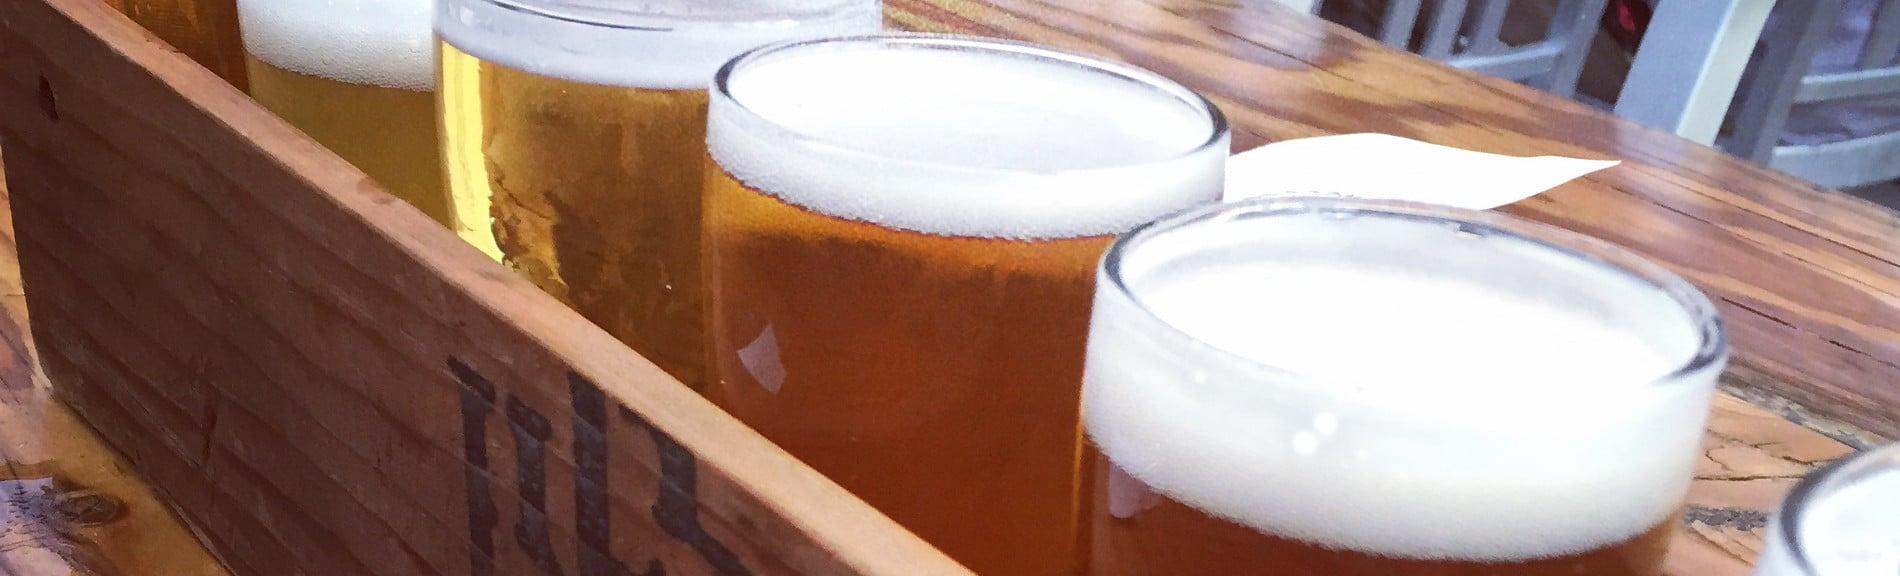 Beer sales increase